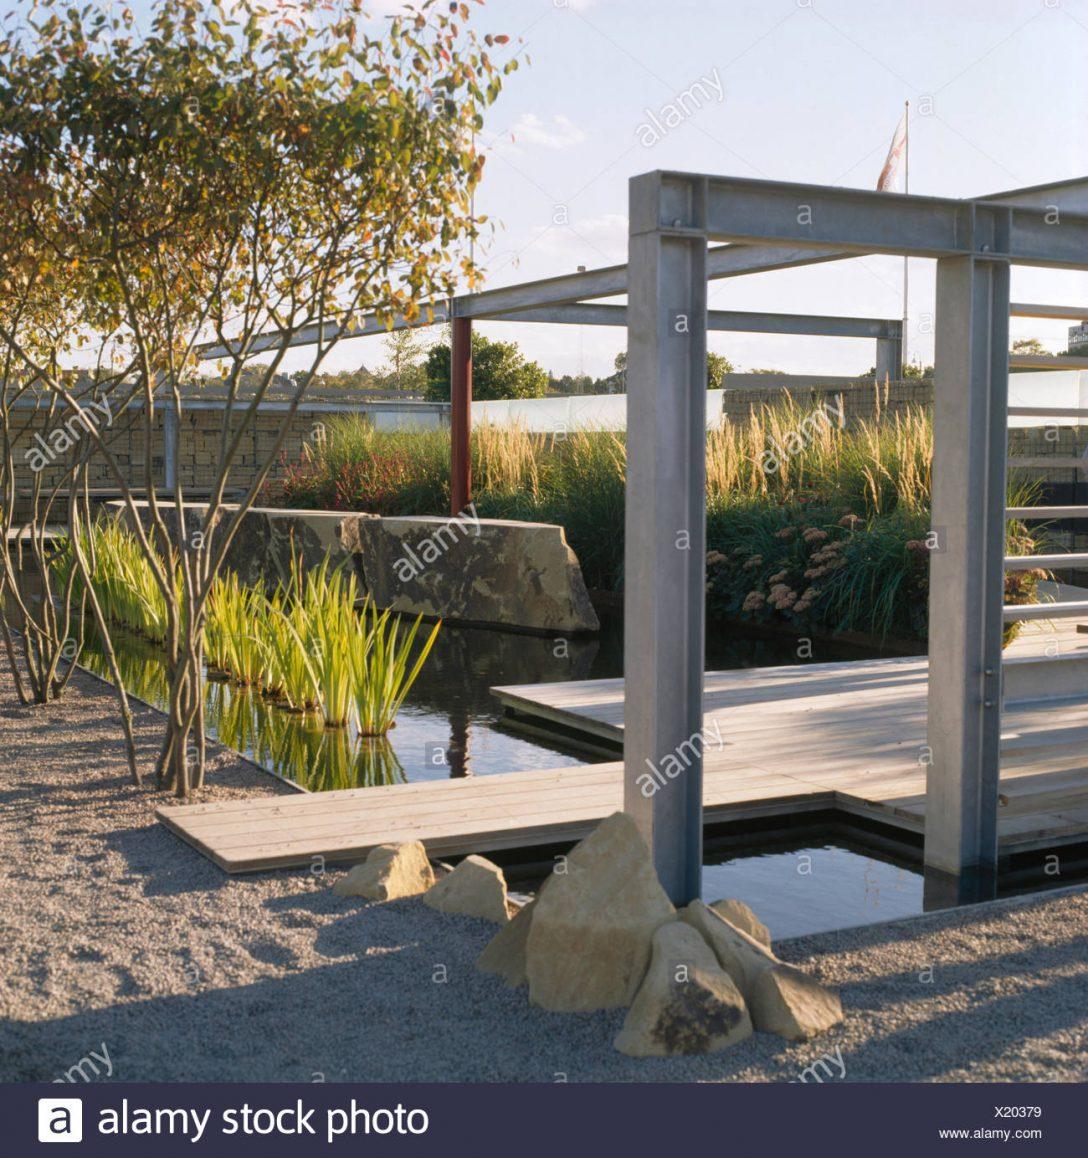 Large Size of Metall Pergola Und Holzterrassen In Architektonischen Garten Mit Regale Regal Weiß Bett Wohnzimmer Pergola Metall